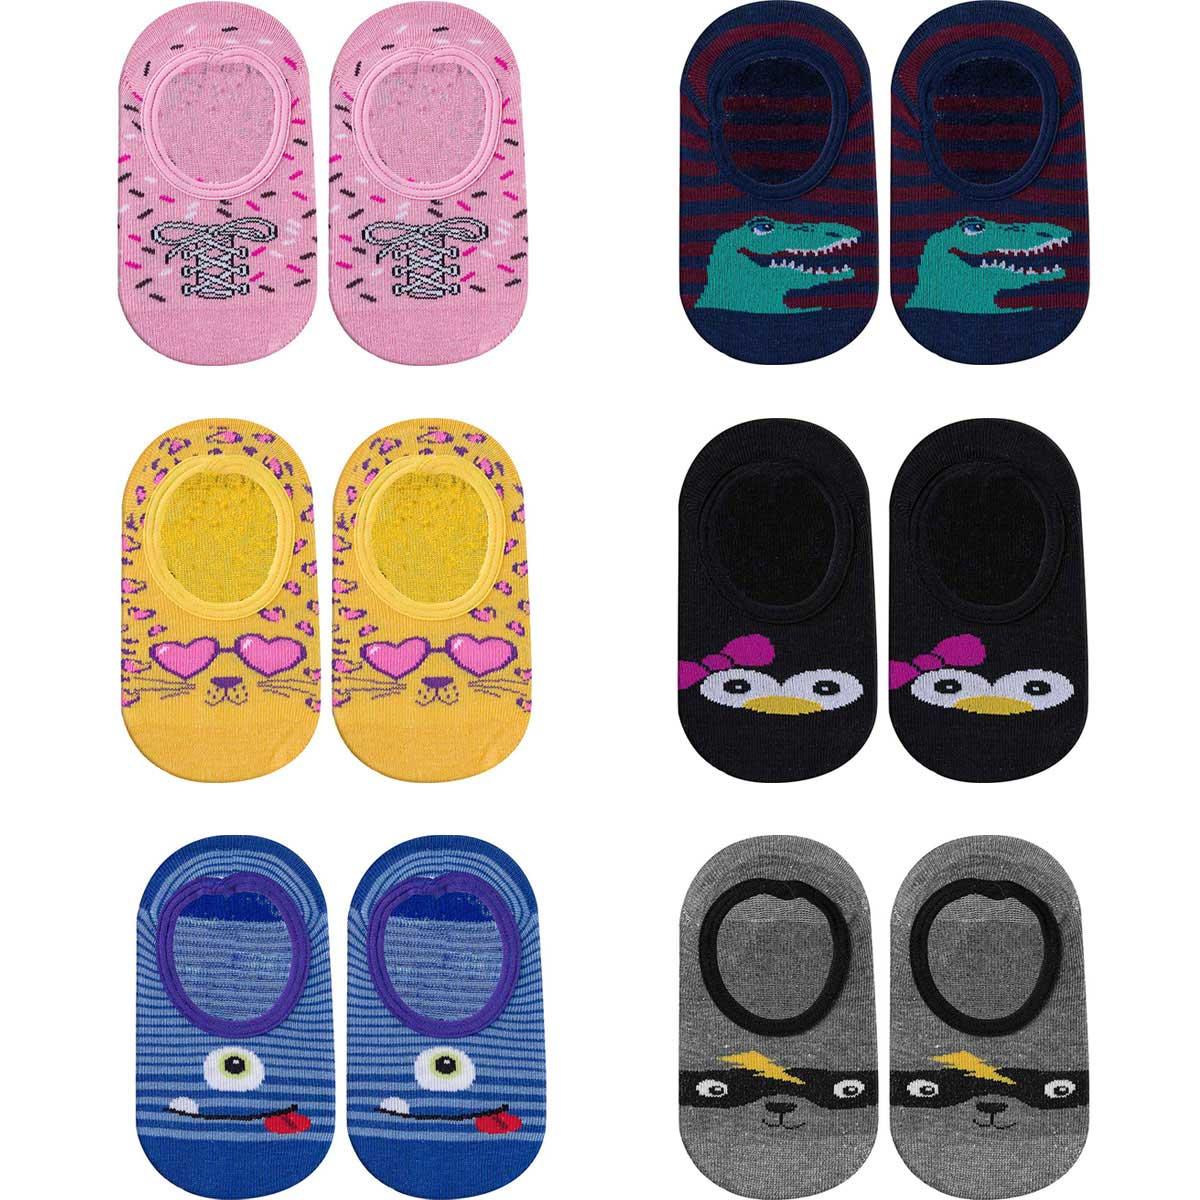 Kit 06 pares de Meia Play Socks